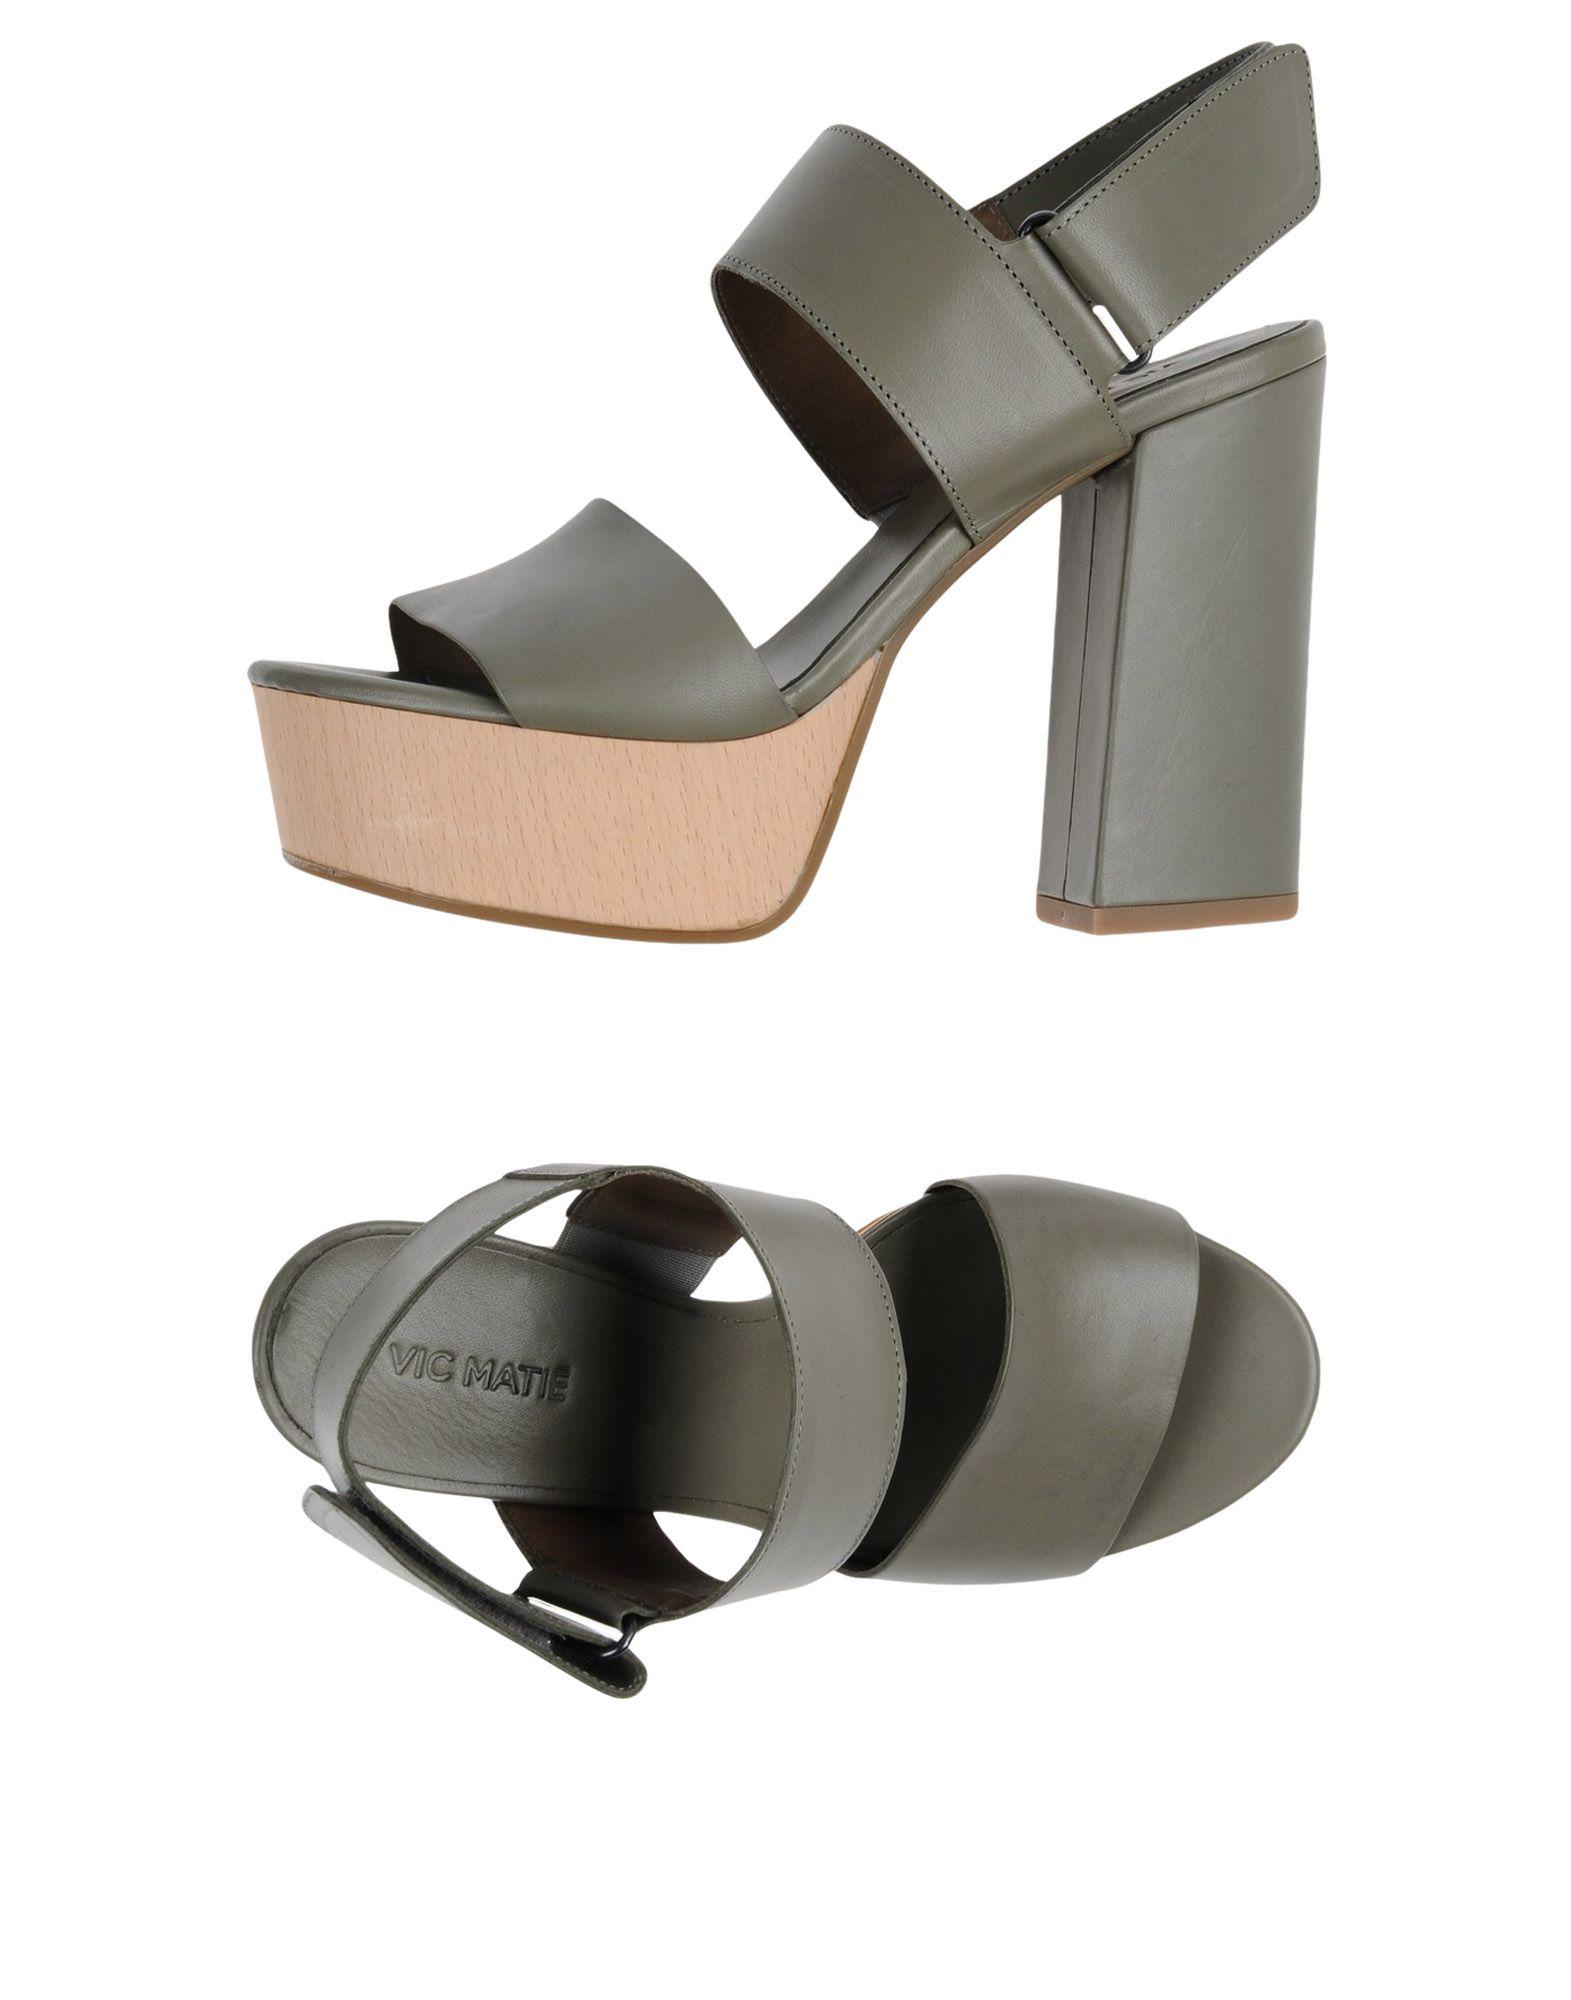 Vic Matiē Sandalen Gute Damen  11423612QM Gute Sandalen Qualität beliebte Schuhe 2bf310